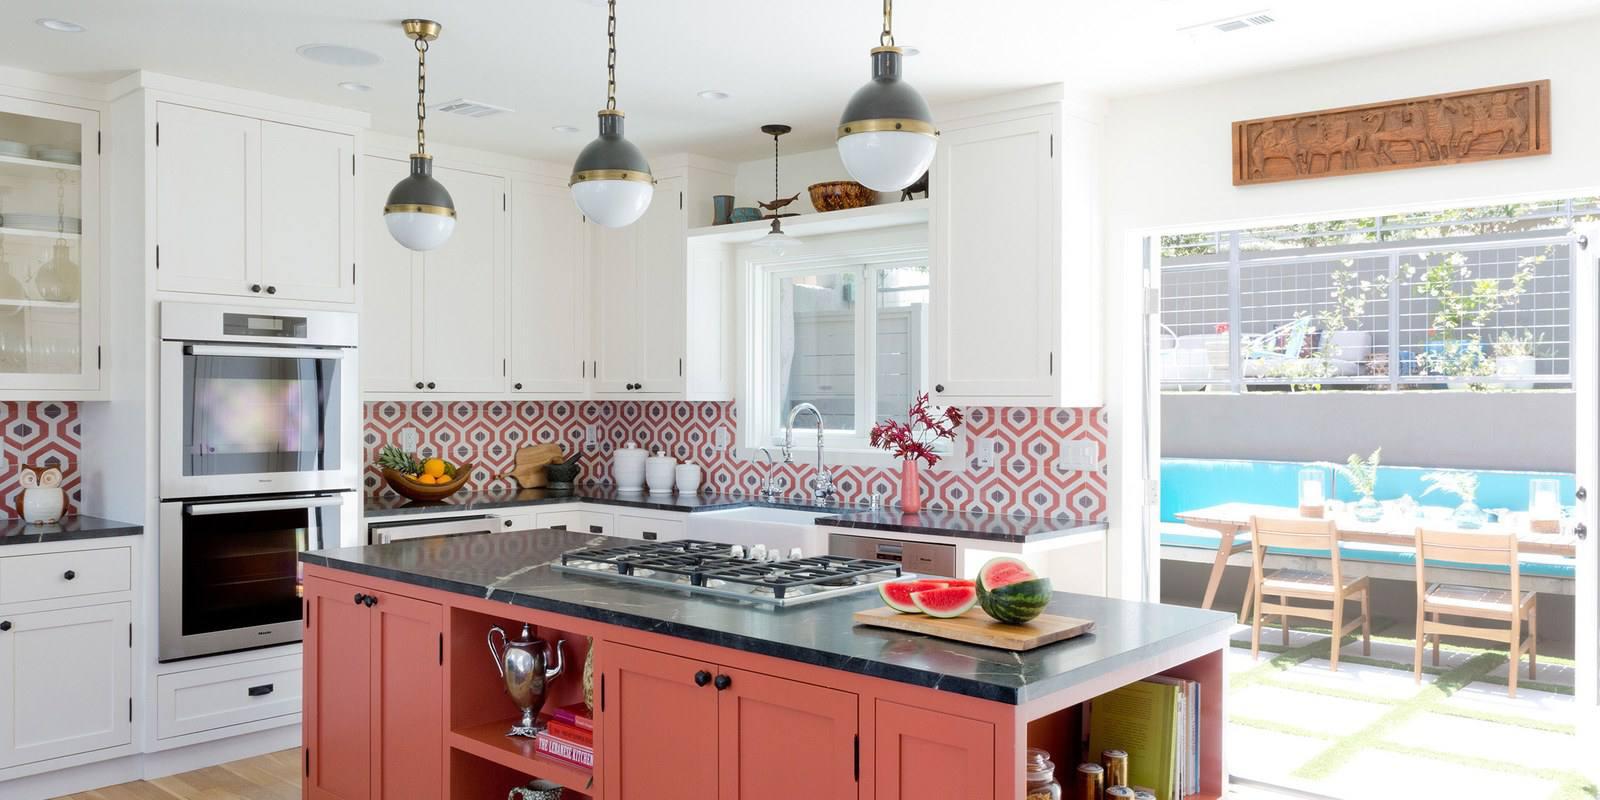 California Tudor with an orange kitchen